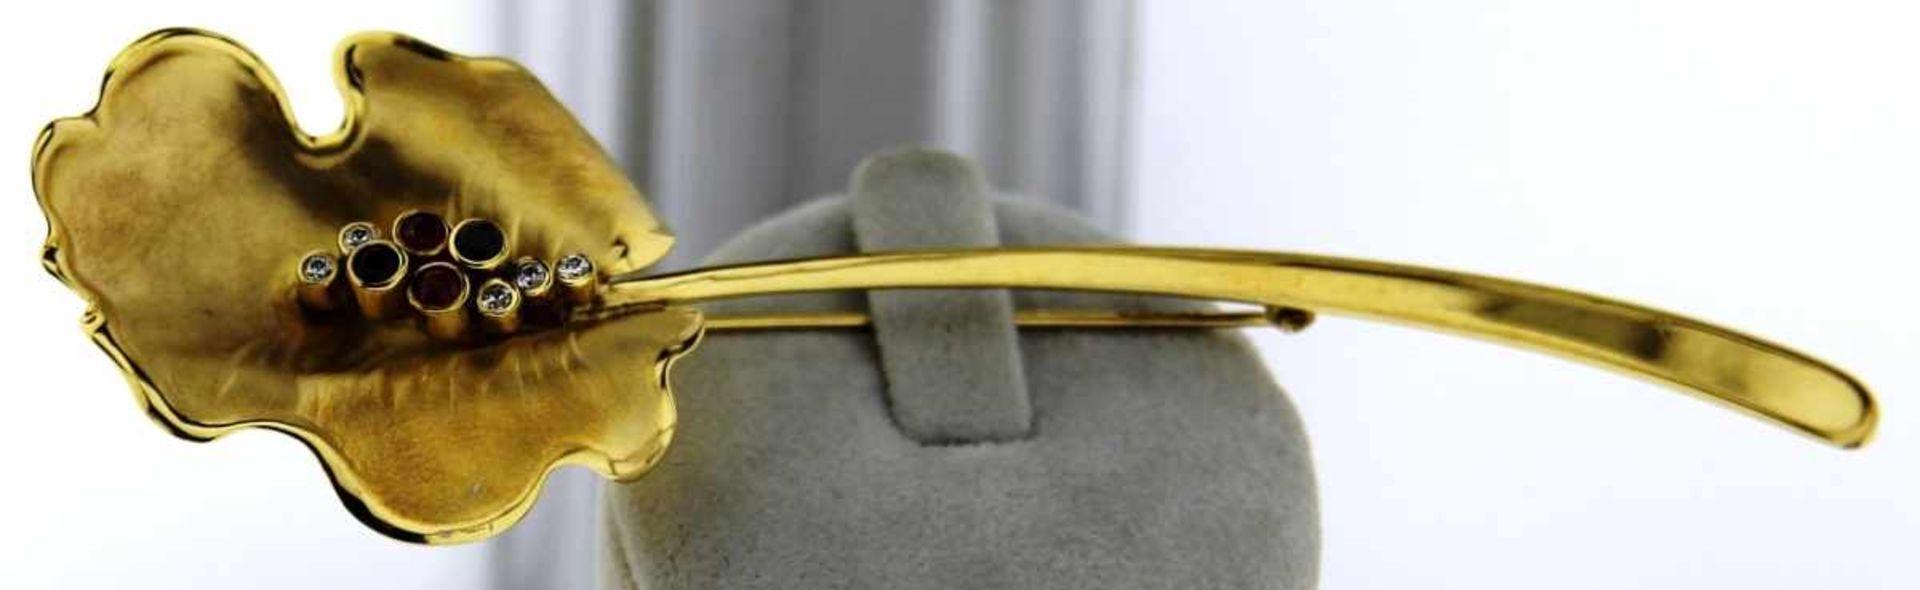 Stabnadel Brosche mit Farbsteinen 333 Gold, NOS sehr schöne Stabnadel mit Blattmotiv, Safire, Rubine